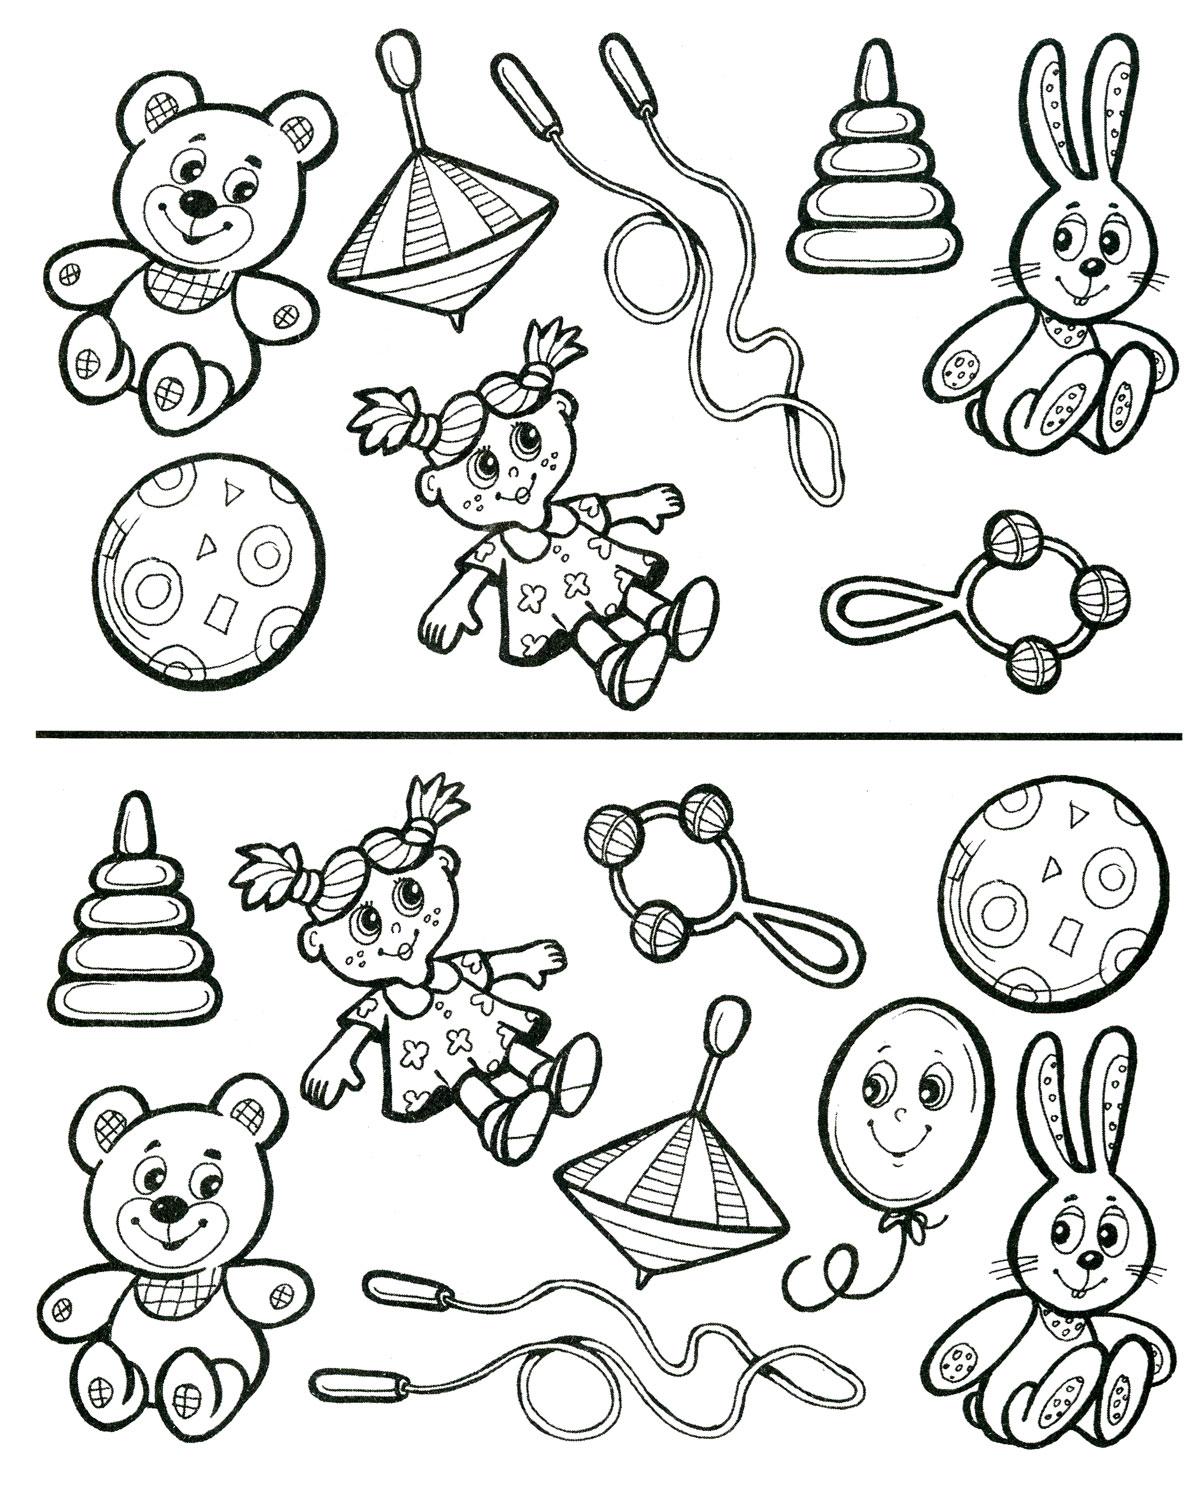 раскраски детские онлайн бесплатно раскраски для детей с